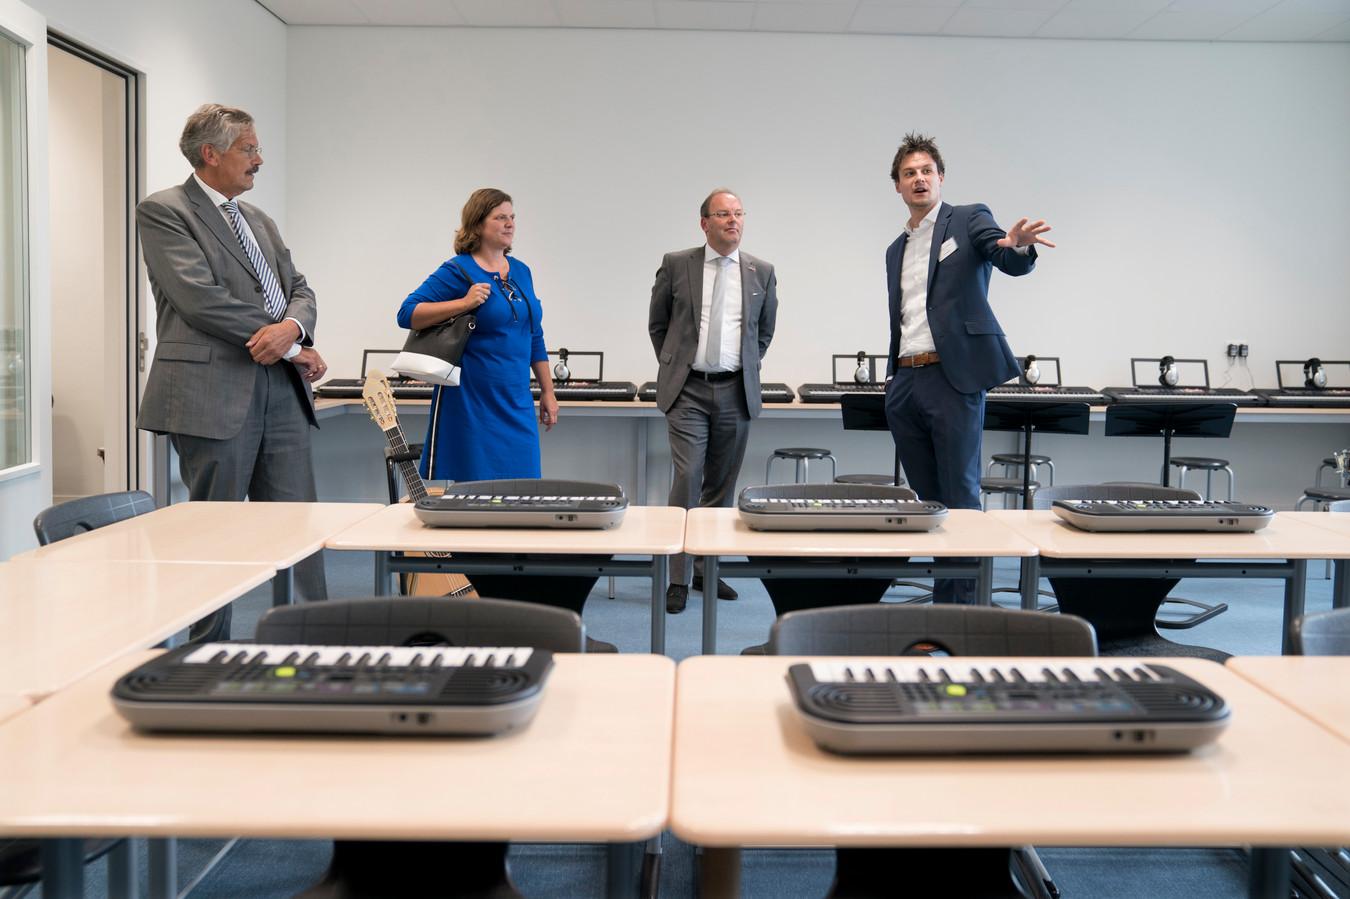 Na de officiële opening mochten belangstellenden rond kijken in het nieuwe schoolgebouw. Dit is het muzieklokaal.